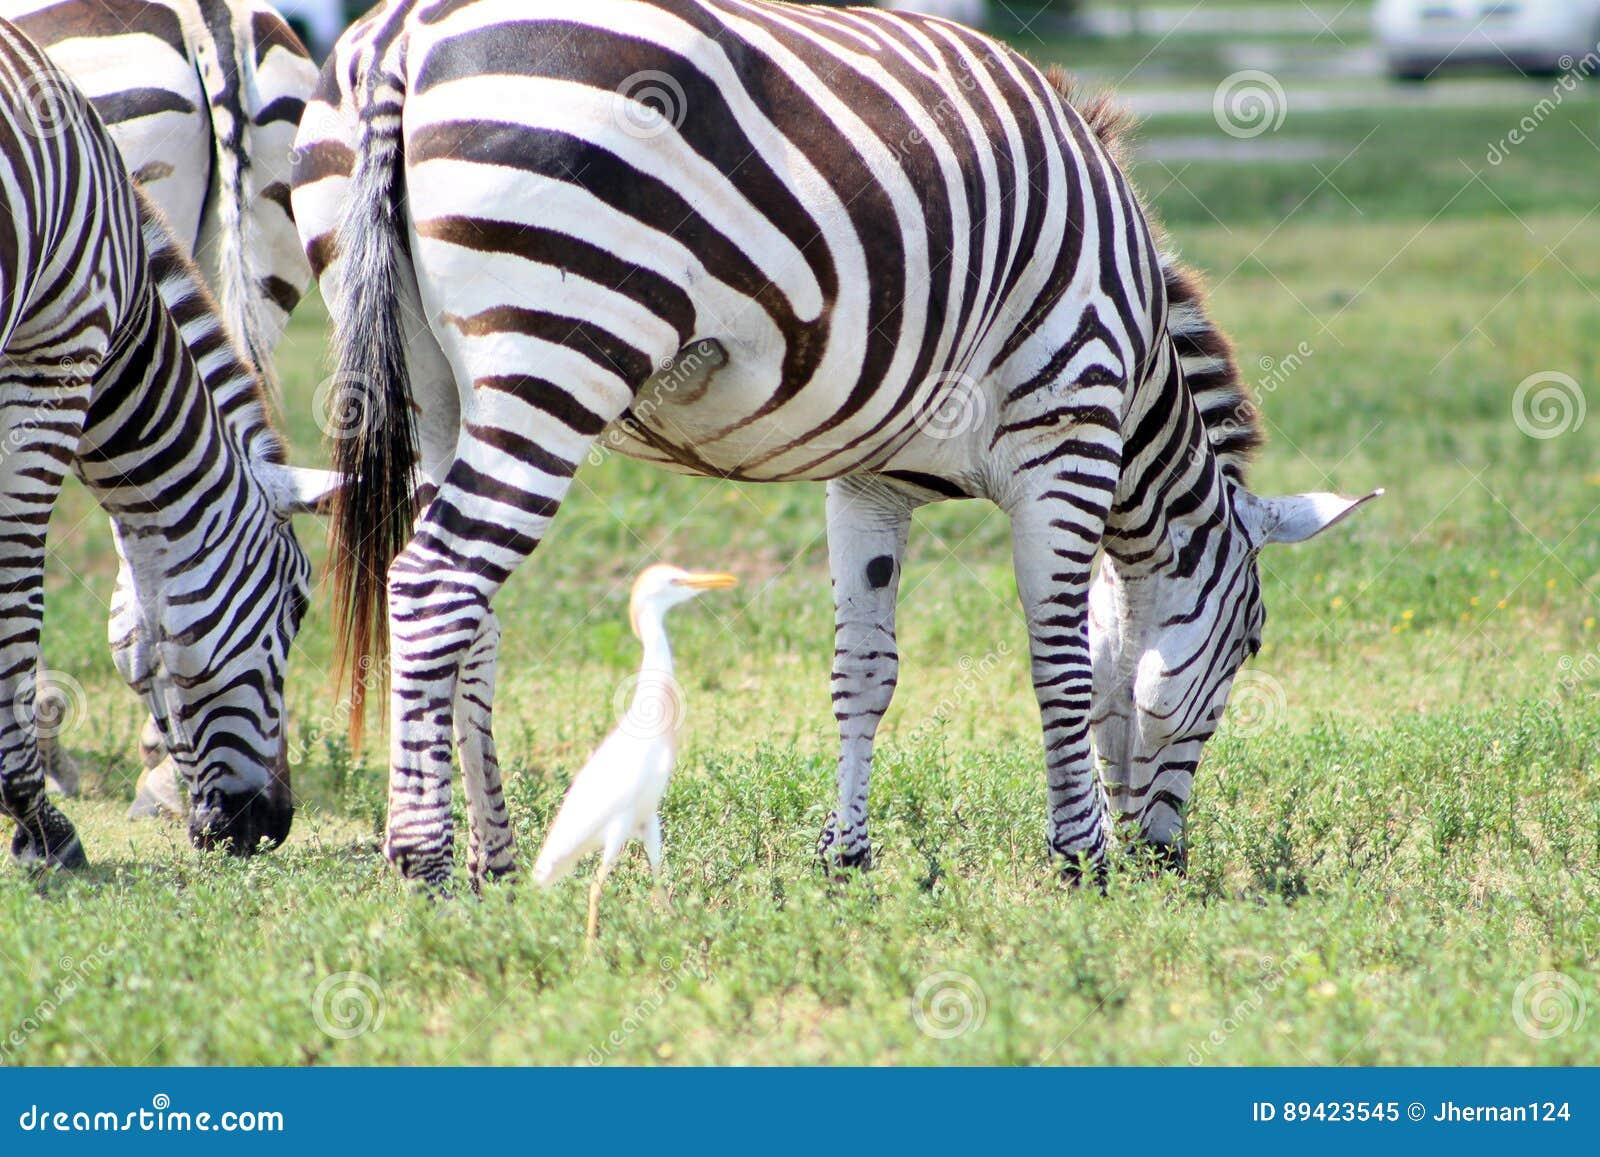 Pastagem das zebras e um pássaro